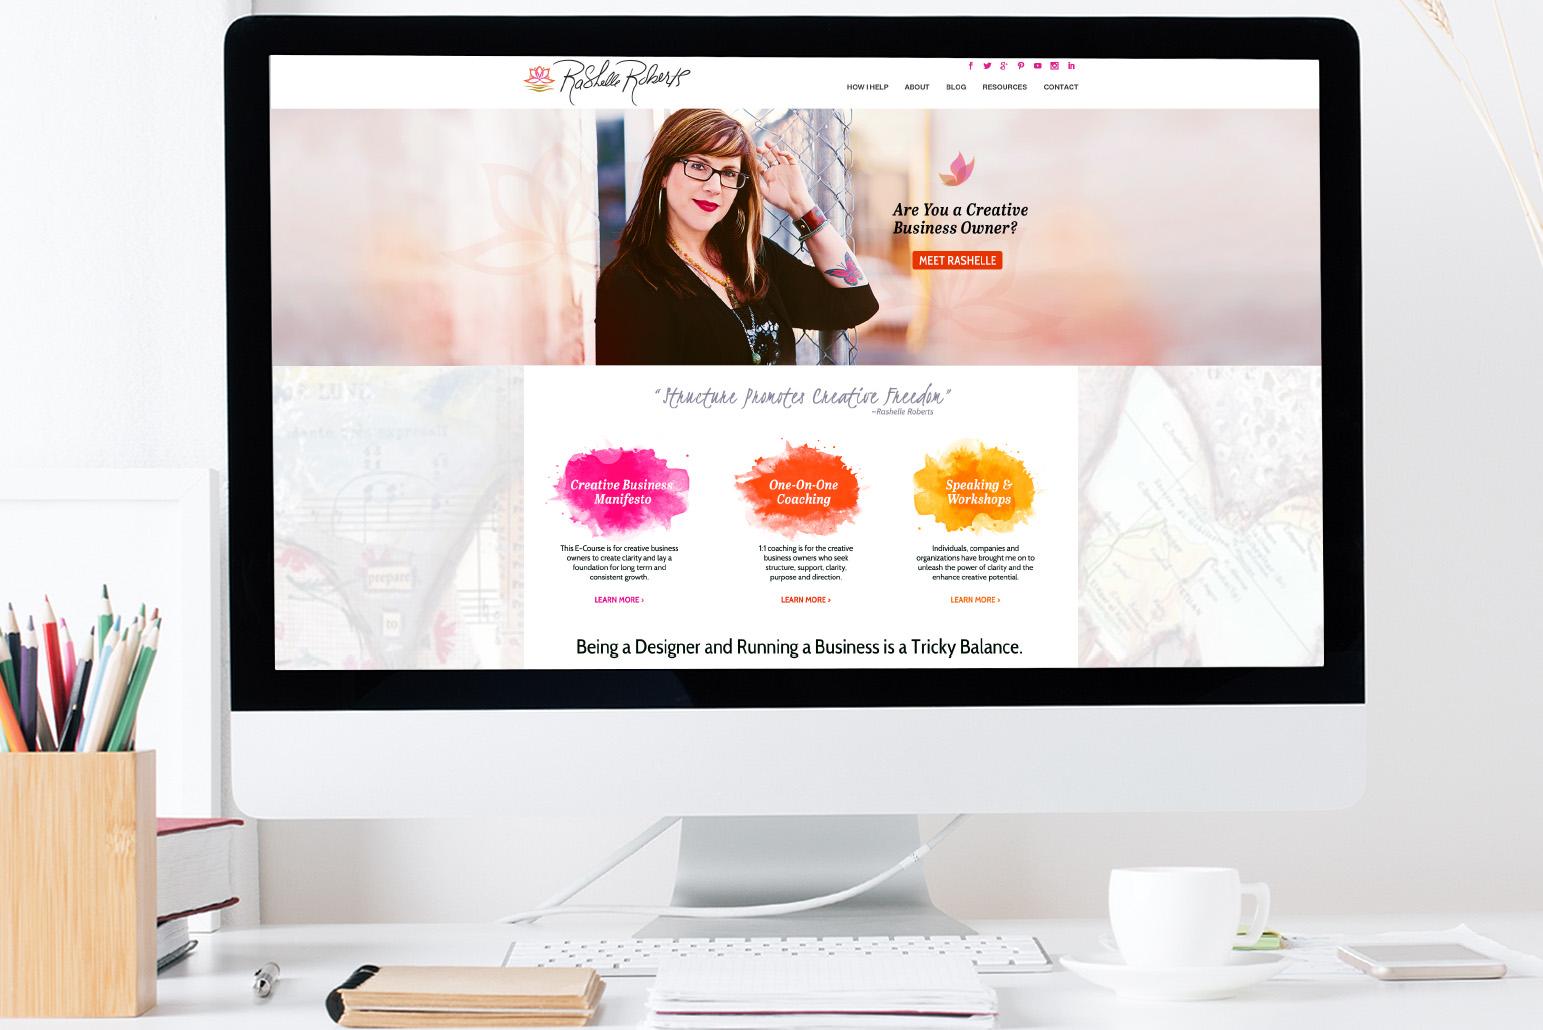 The Original Concept for the Website